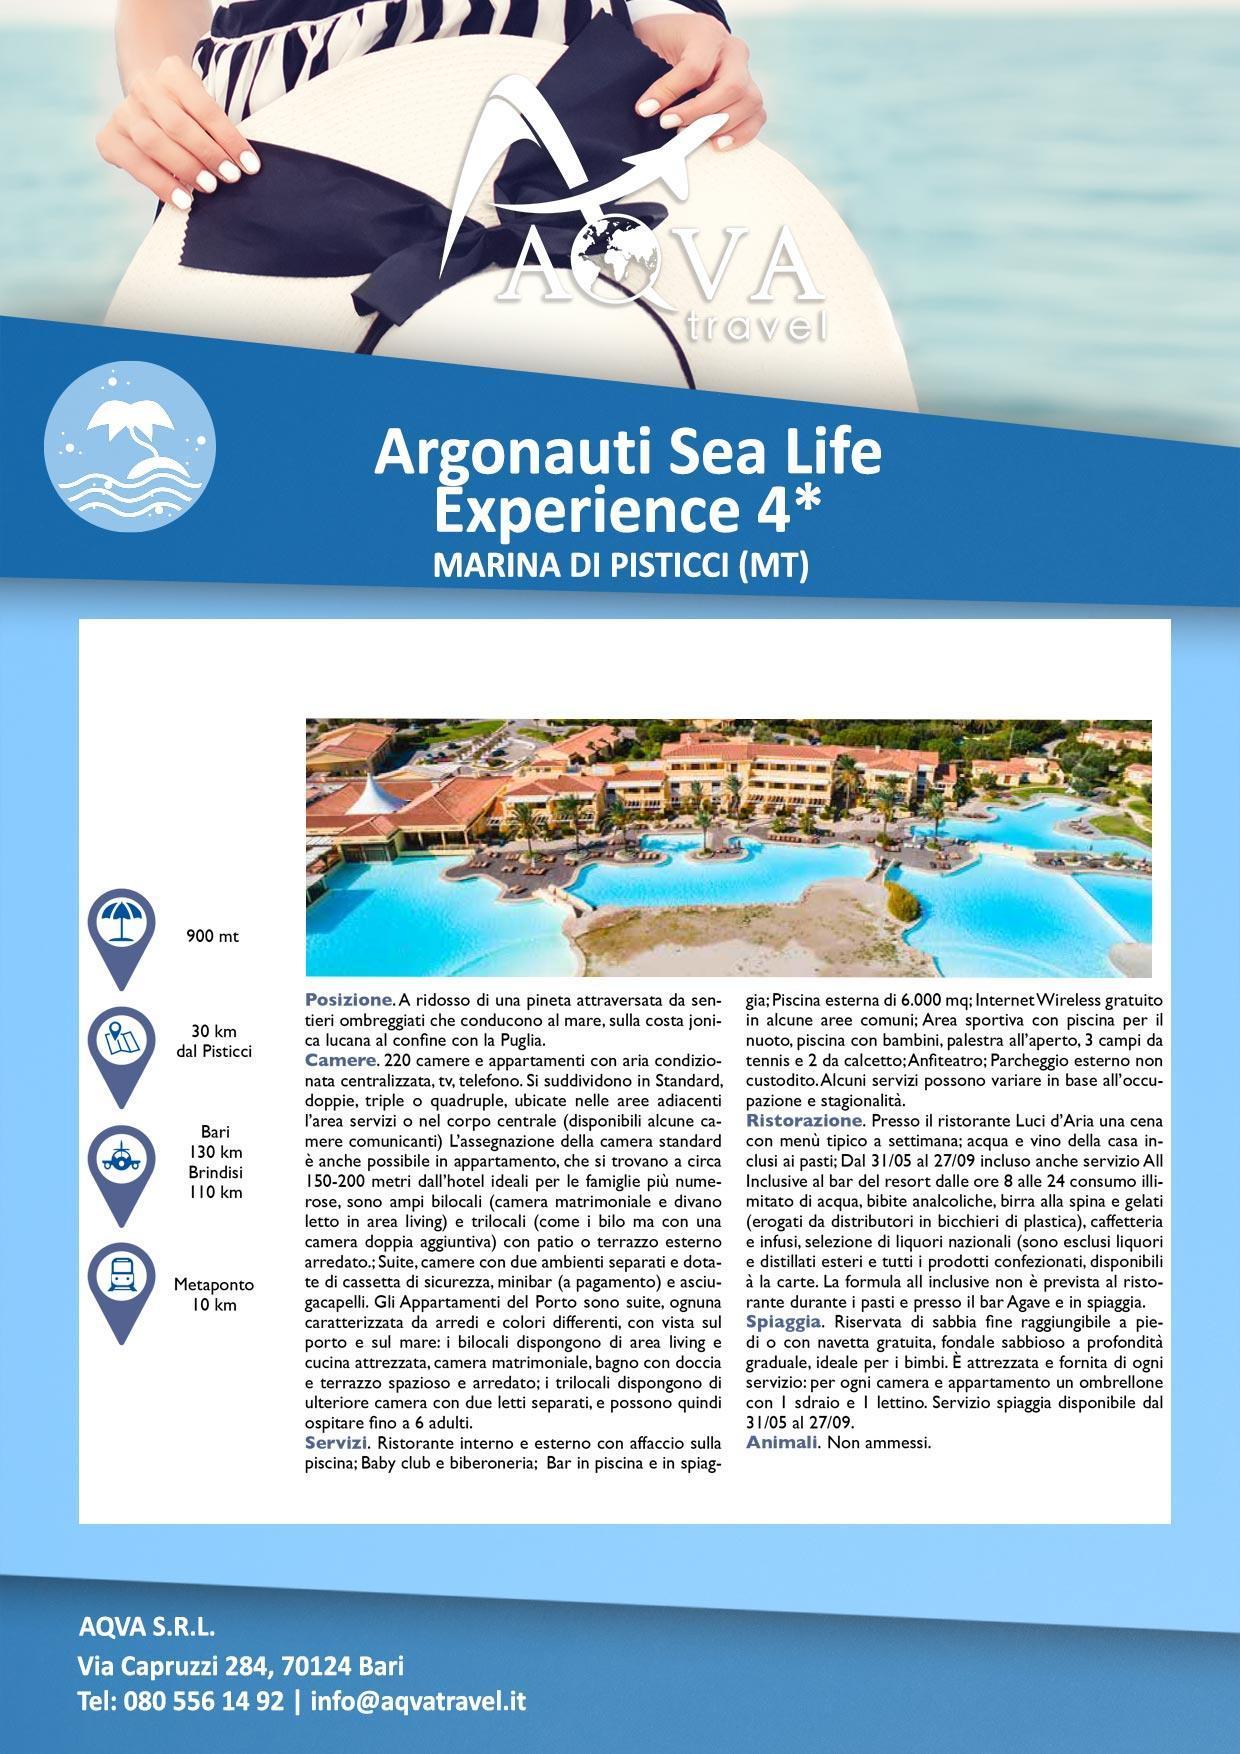 Argonauti-Sea-Life-Experience-4-MARINA-DI-PISTICCI-(MT)-Mare-offerte-agenzia-di-viaggi-Bari-AQVATRAVEL-it